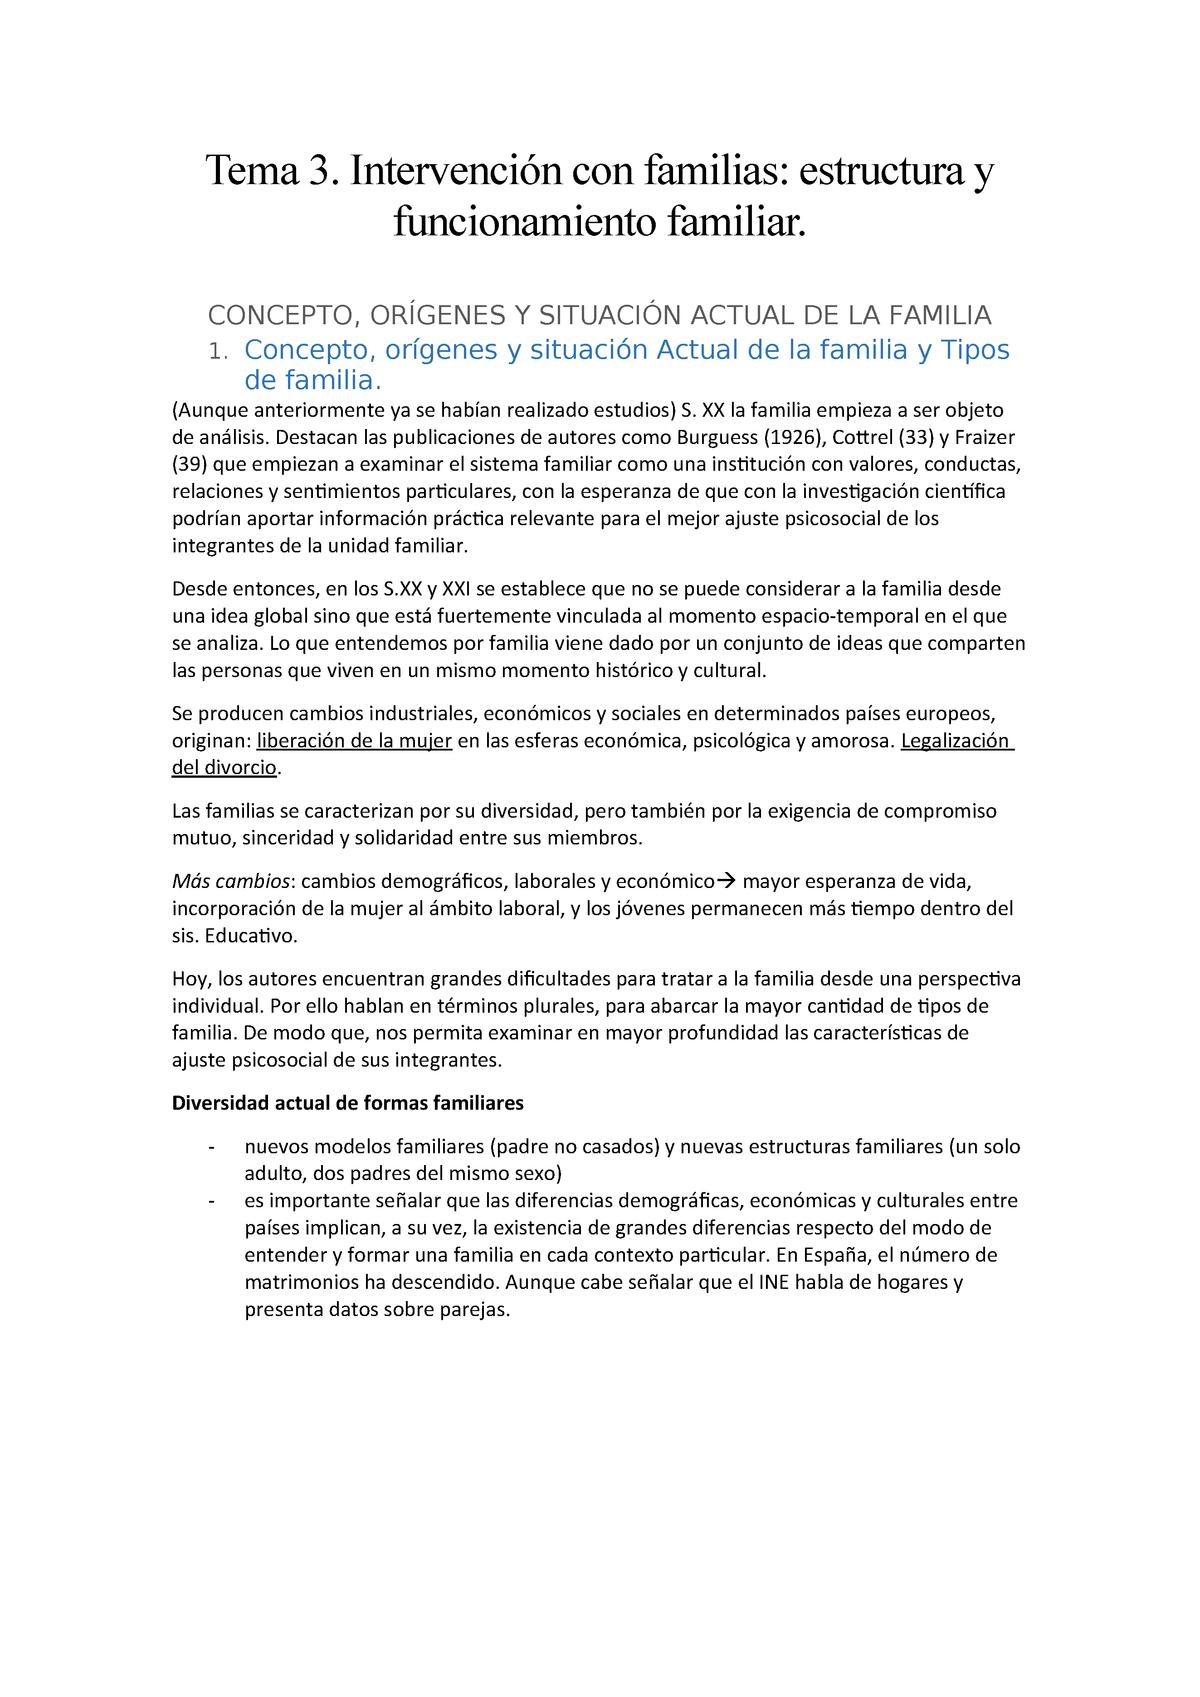 Tema 3 Apuntes Tema 3 Intervención Con Familias